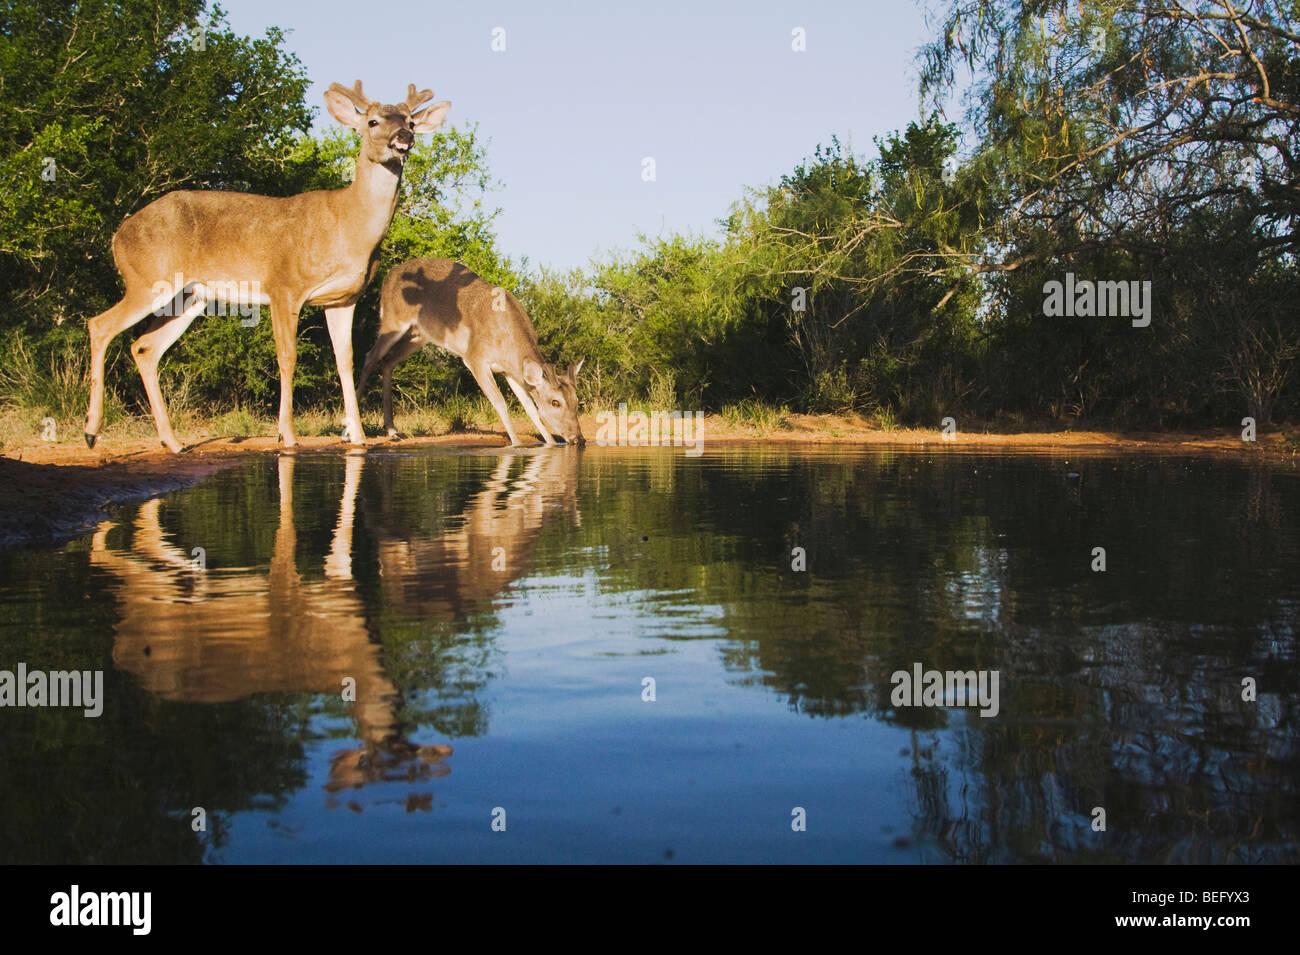 White-tailed Deer (Odocoileus virginianus), bucks drinking, Rio Grande Valley, Texas, USA - Stock Image